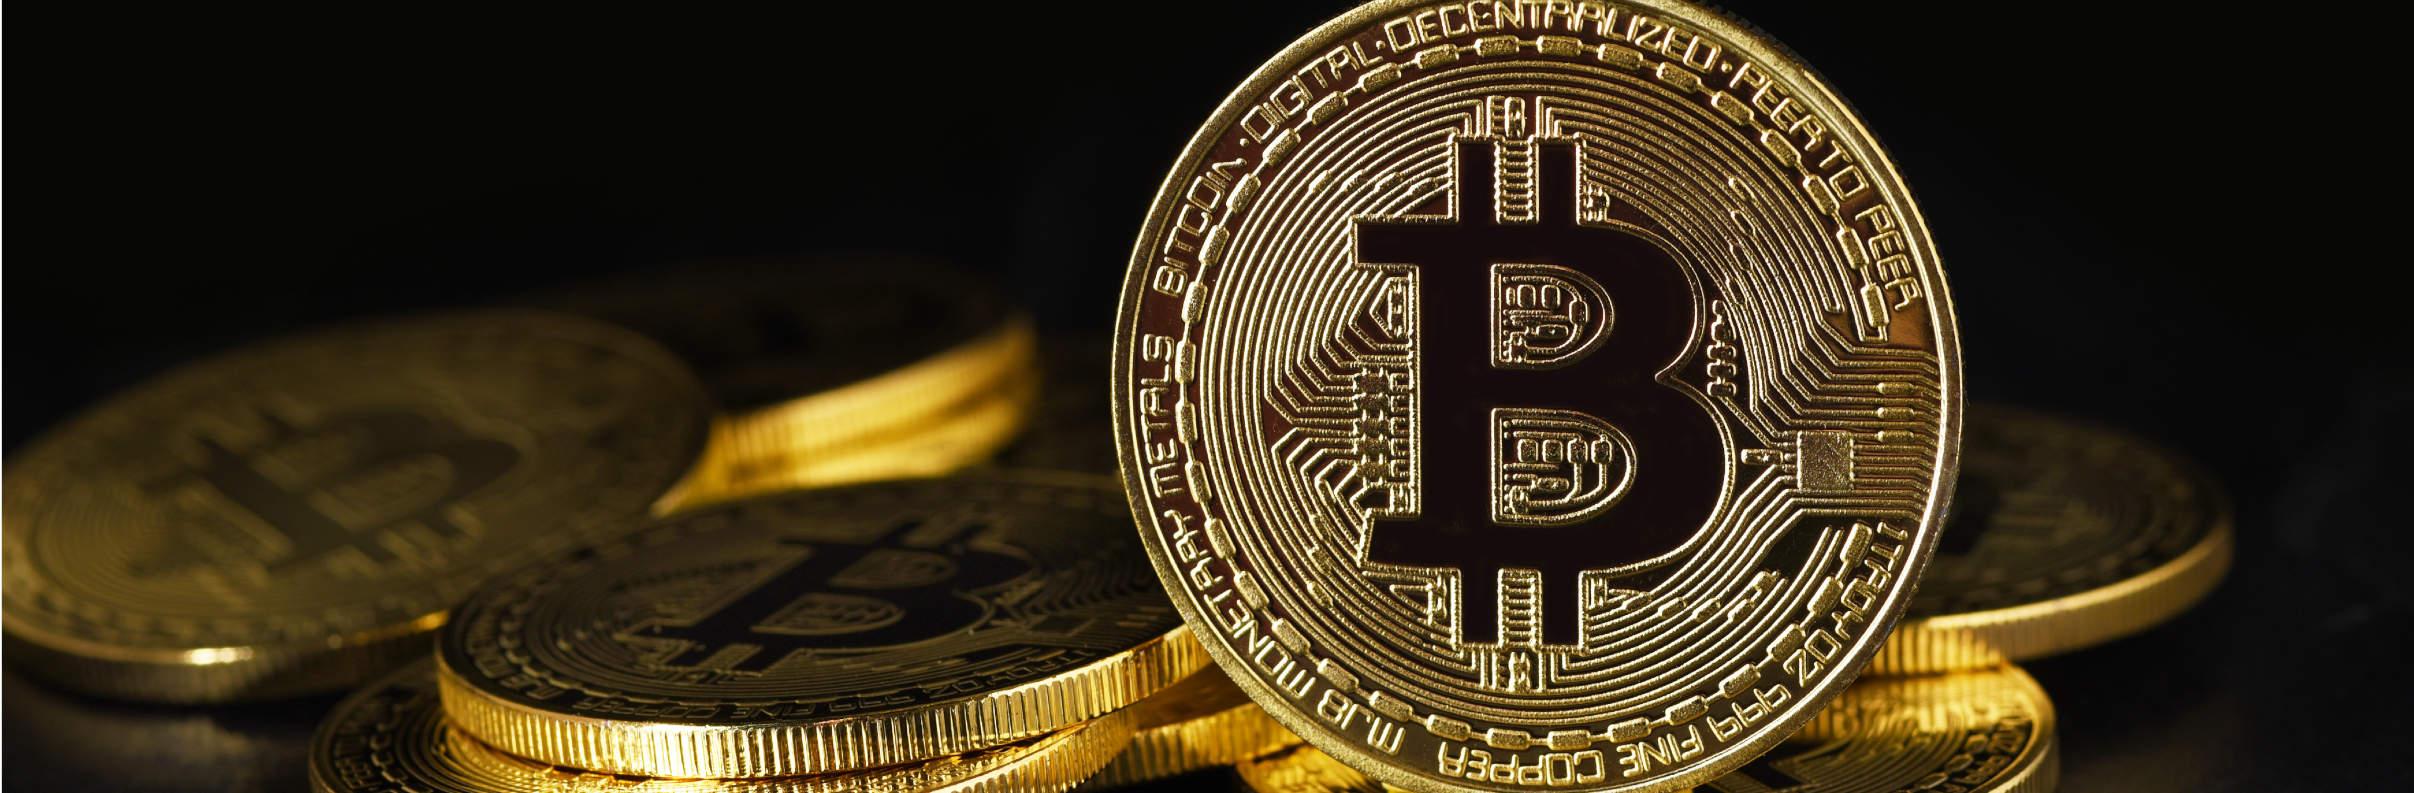 Bitcoin faz aniversário hoje, veja algumas curiosidades